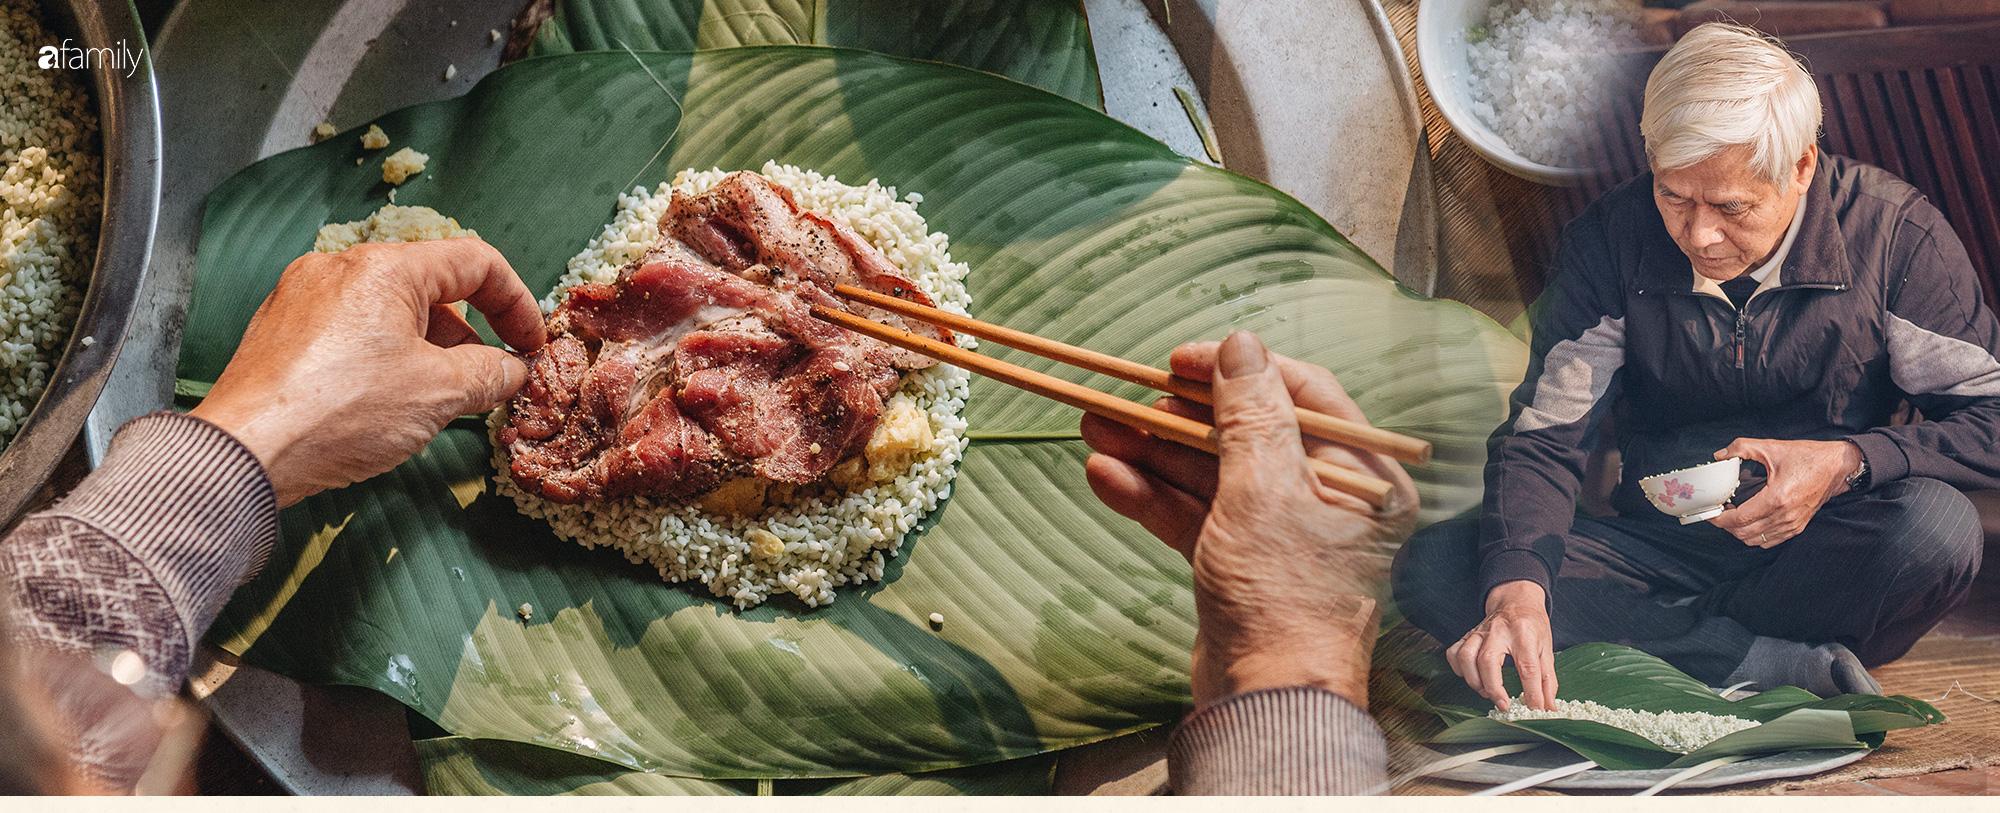 Bánh chưng, bánh tét - tinh hoa nghìn năm lúa nước trên bàn thờ Việt và những biến thể duyên dáng thời hiện đại - Ảnh 12.